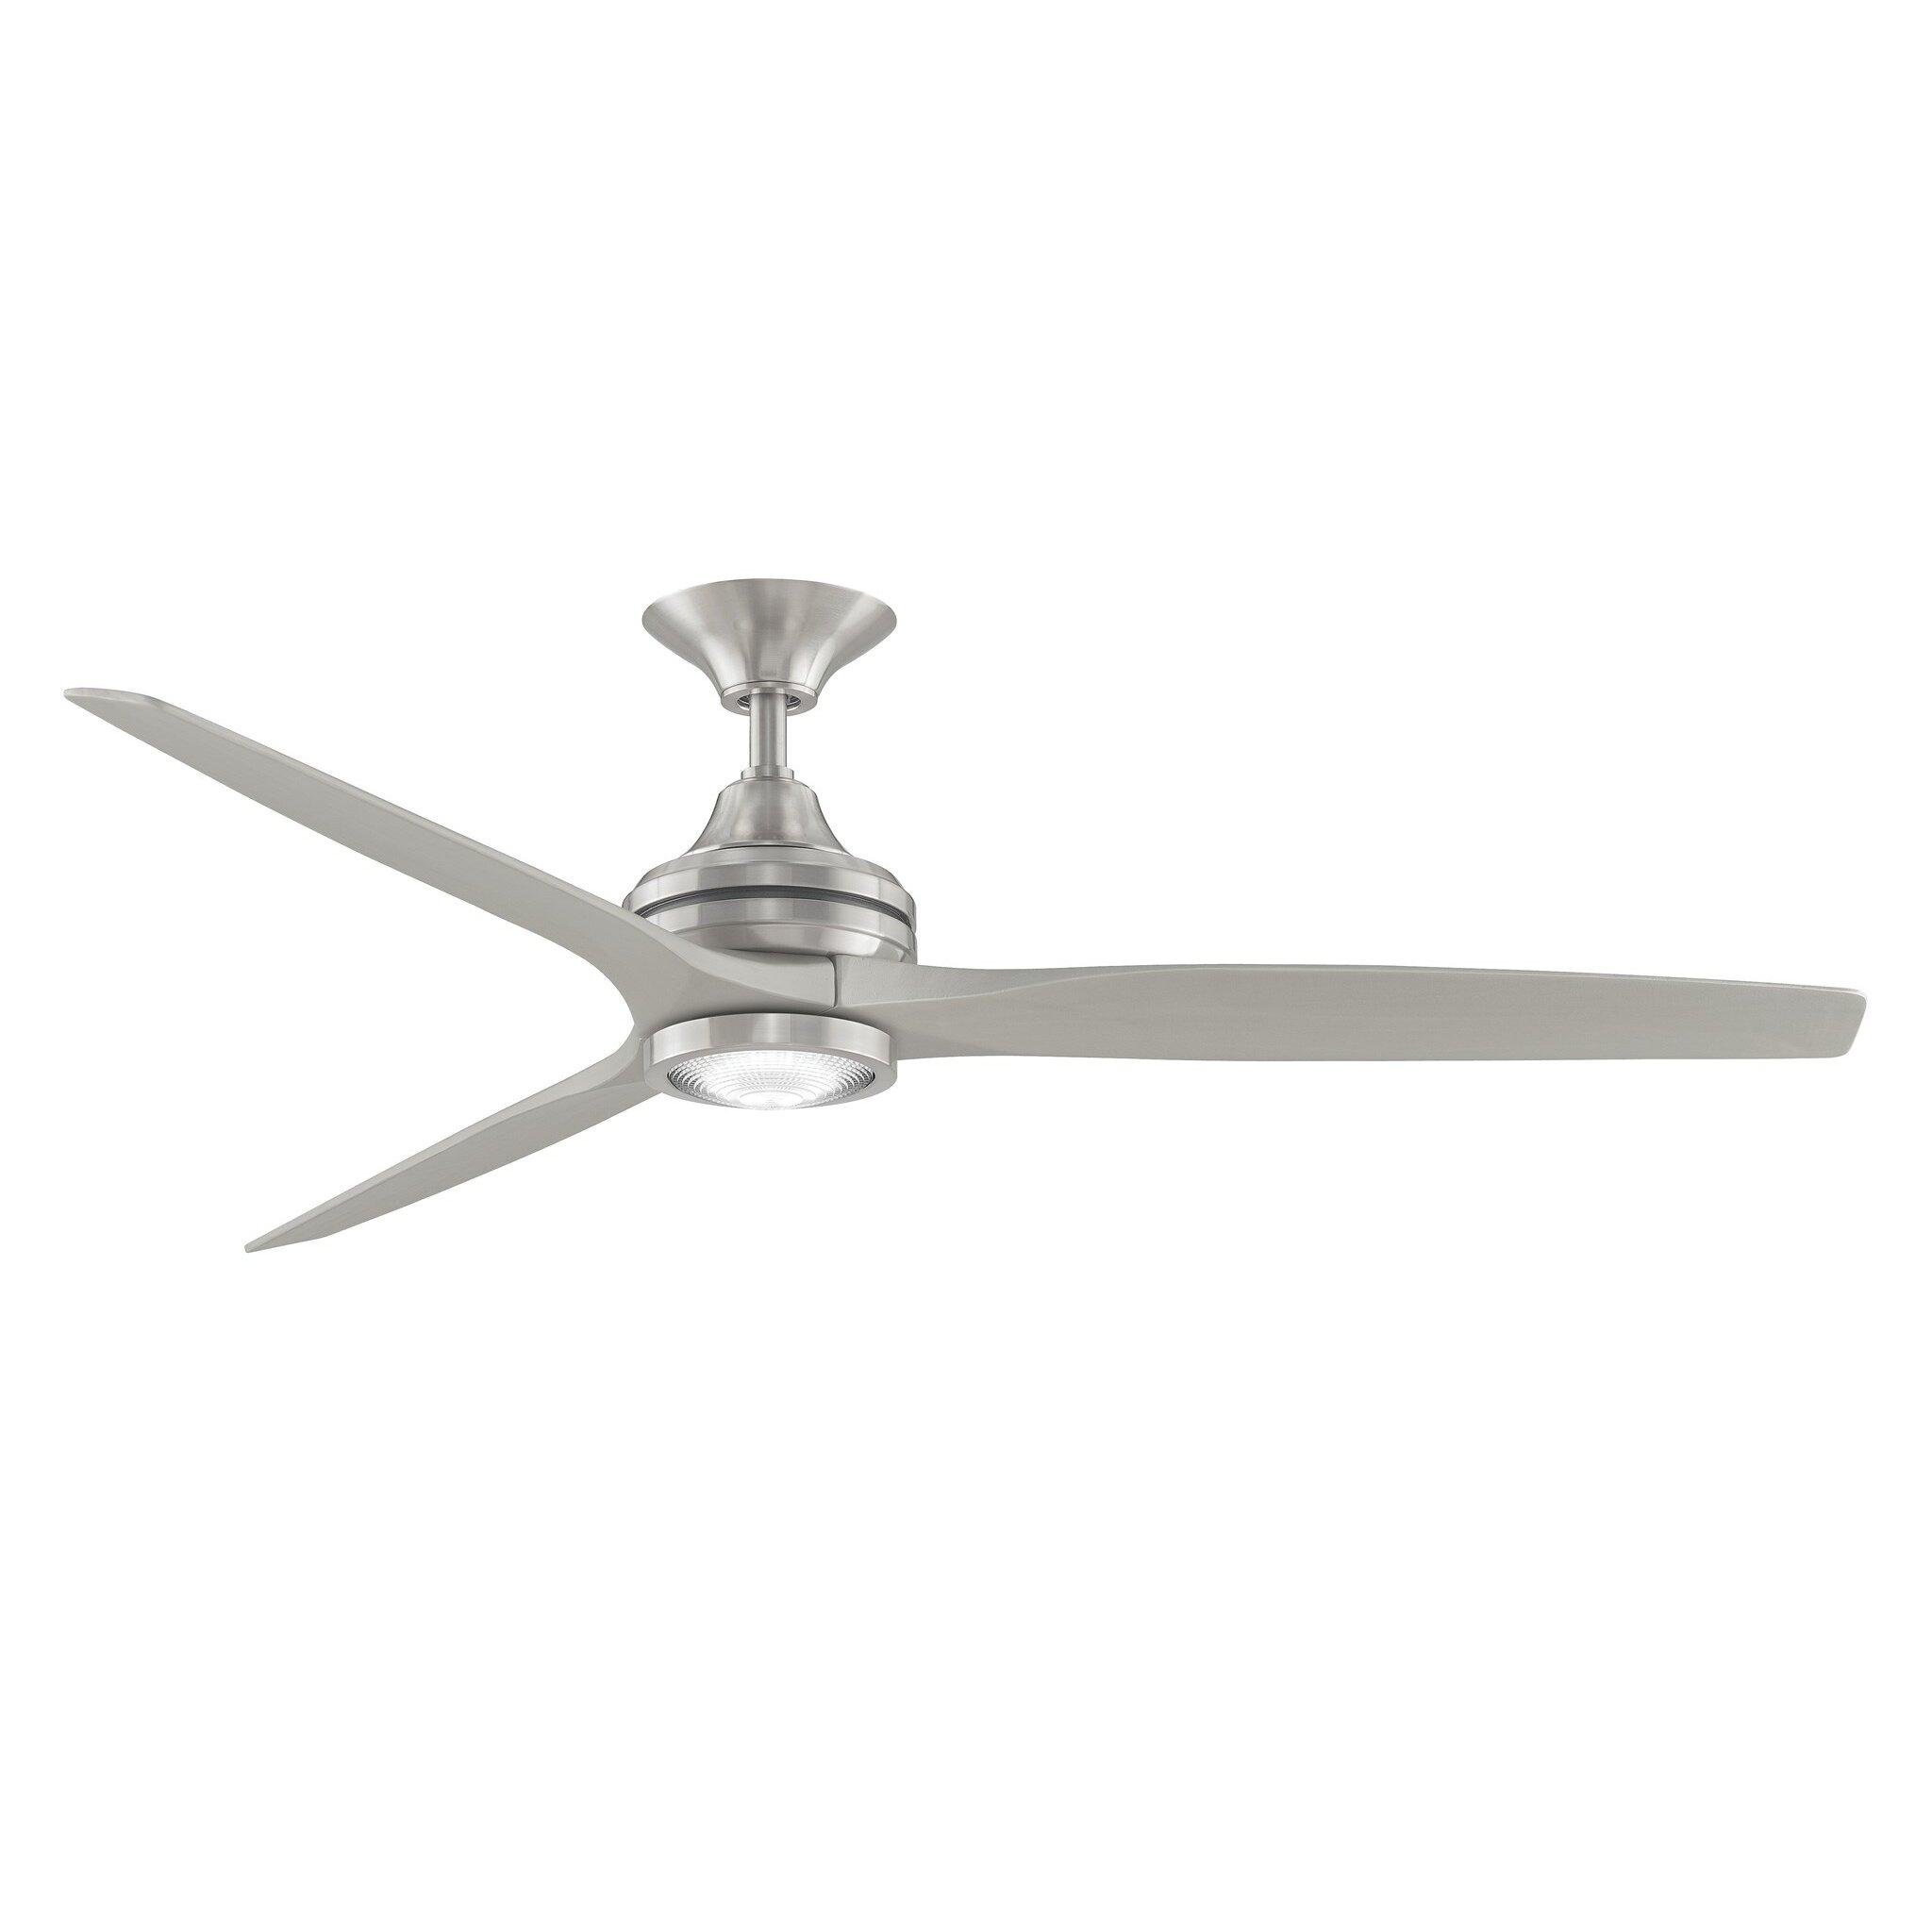 Fanimation 60 Quot Spitfire 3 Blade Ceiling Fan Motor